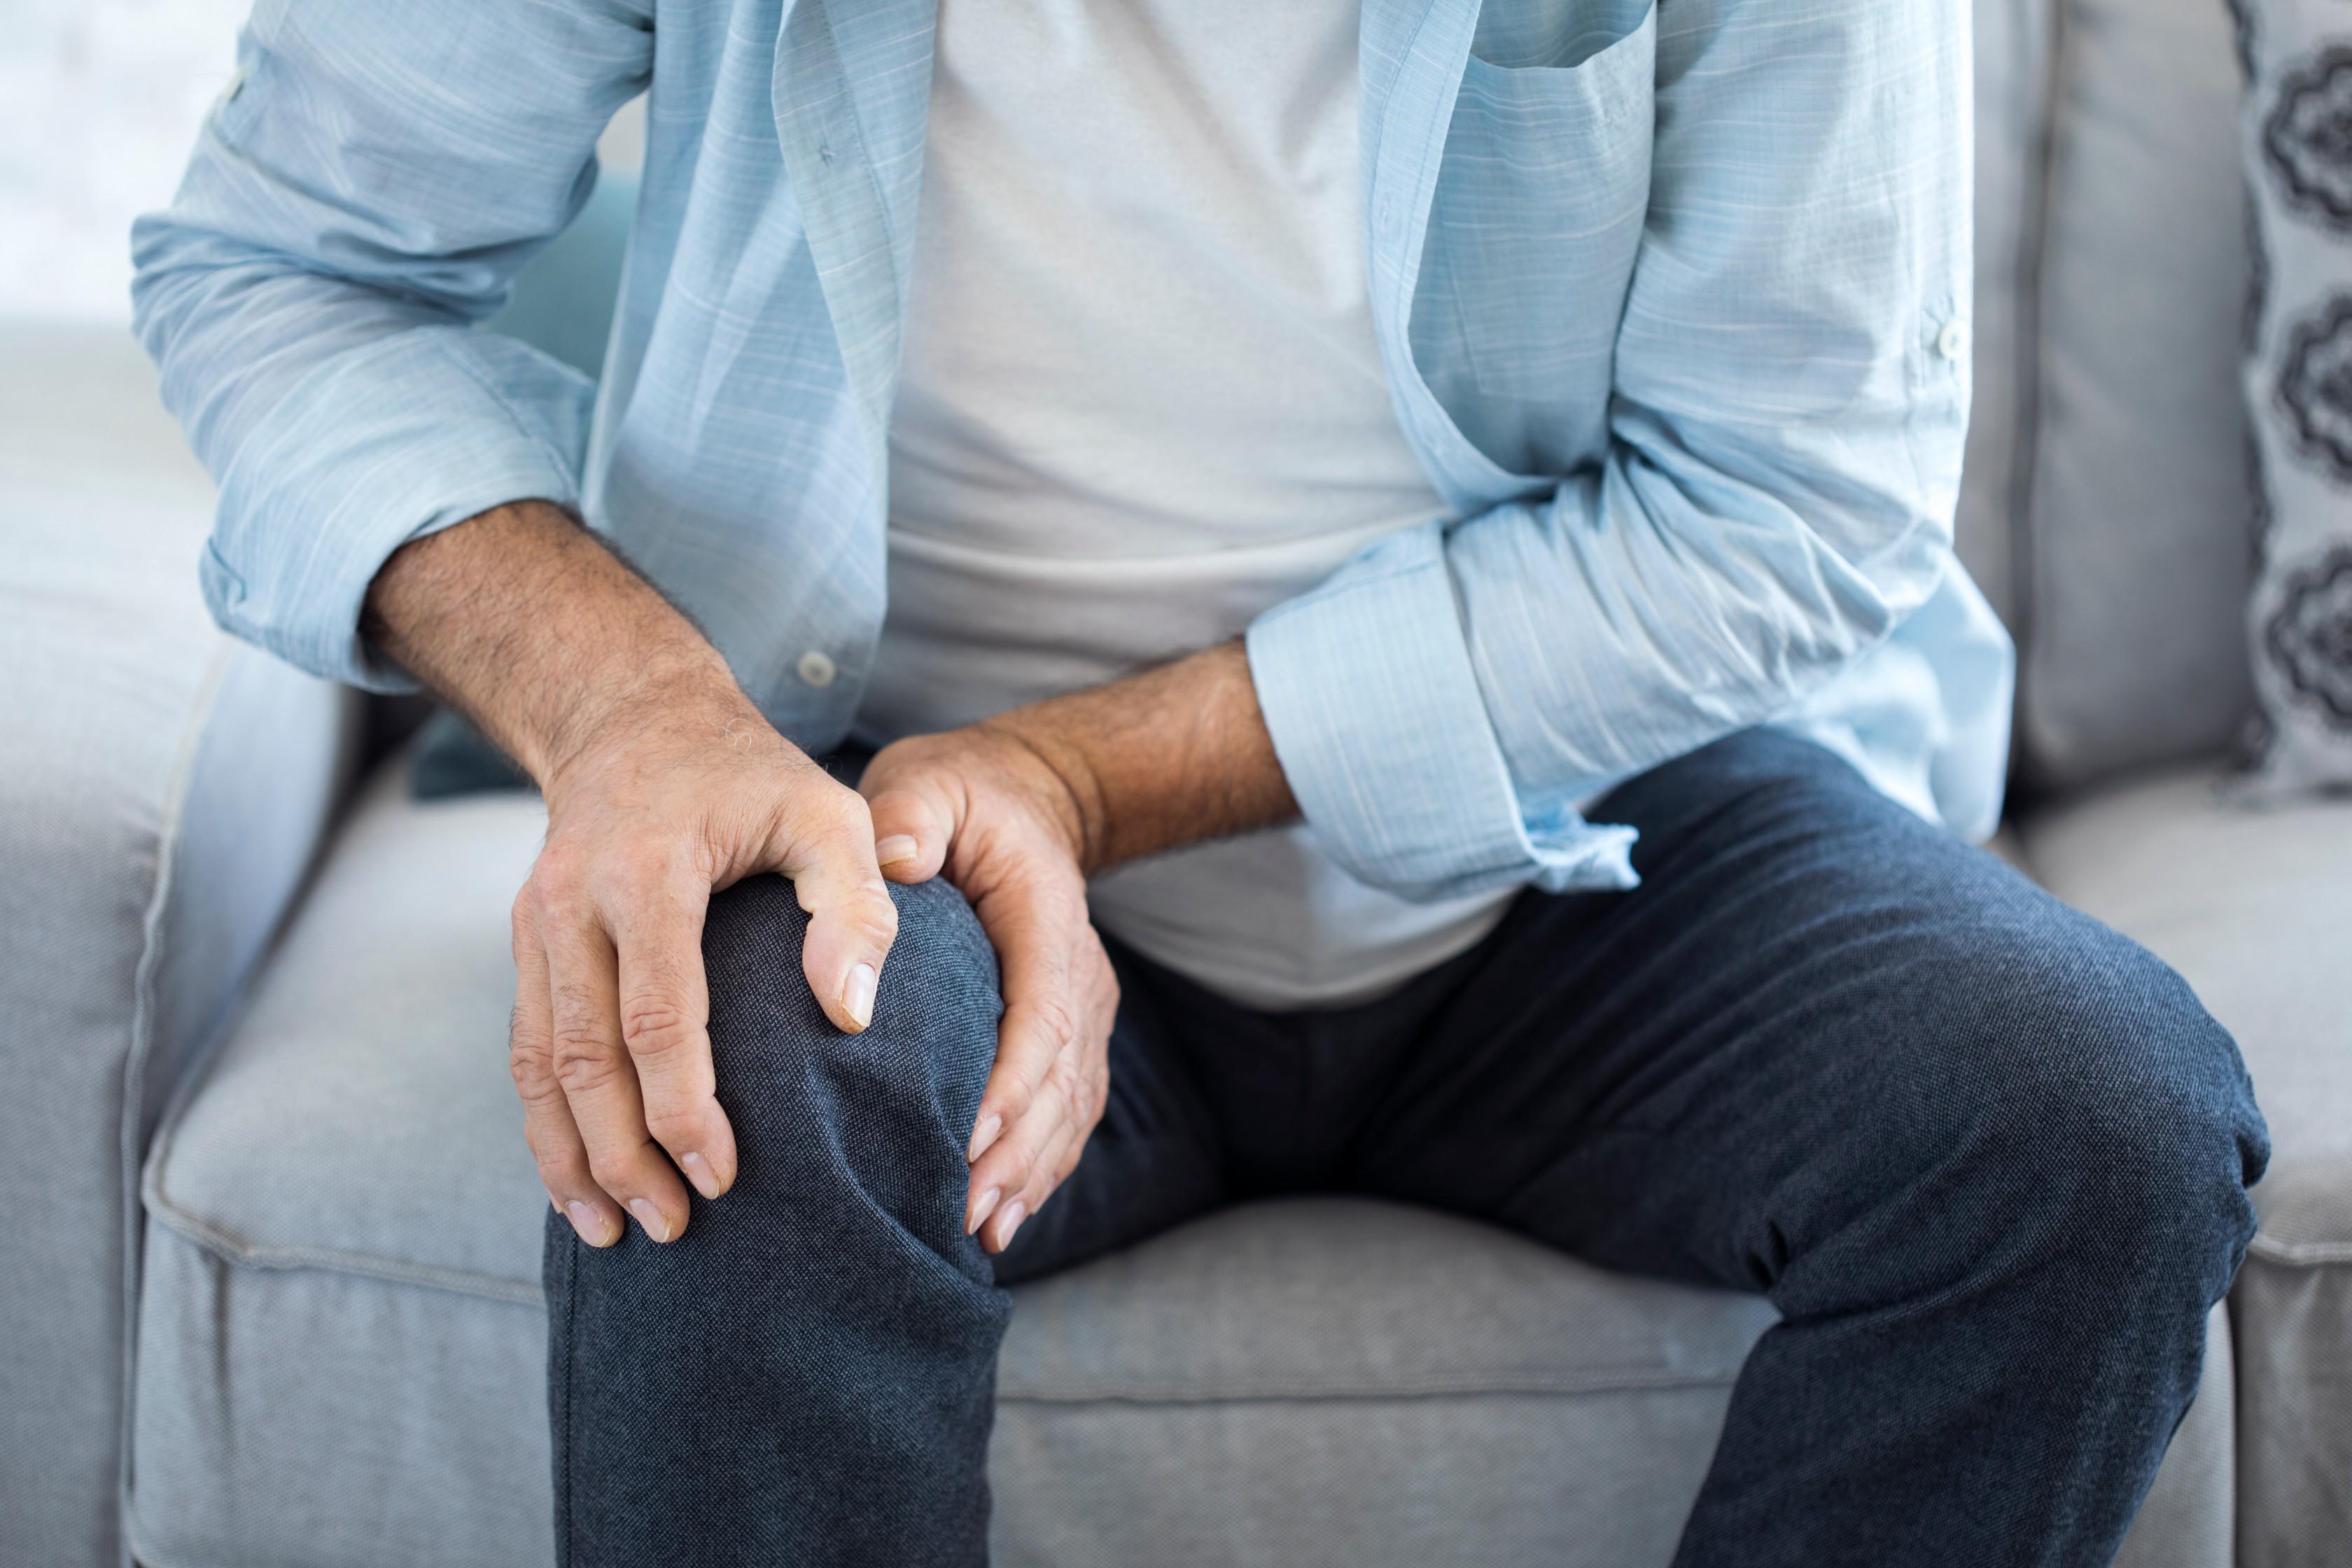 térdízület kezelés oldalsó ínszalagjának törése a térd artrózisának kezelésében szerzett tapasztalatok